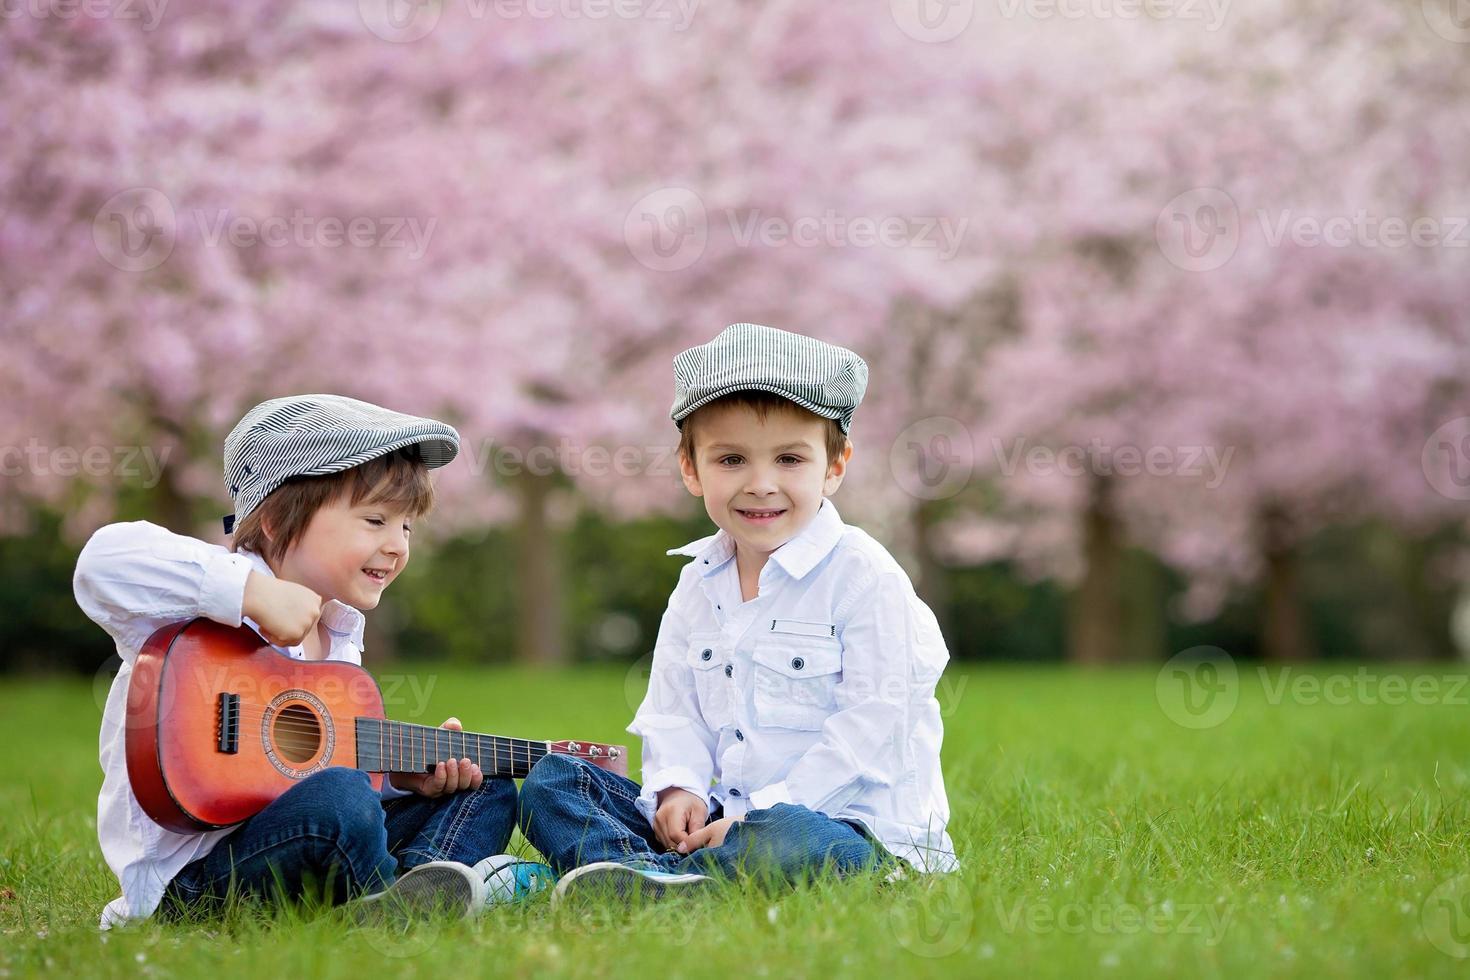 due adorabili ragazzi caucasici in un giardino fiorito di ciliegi foto